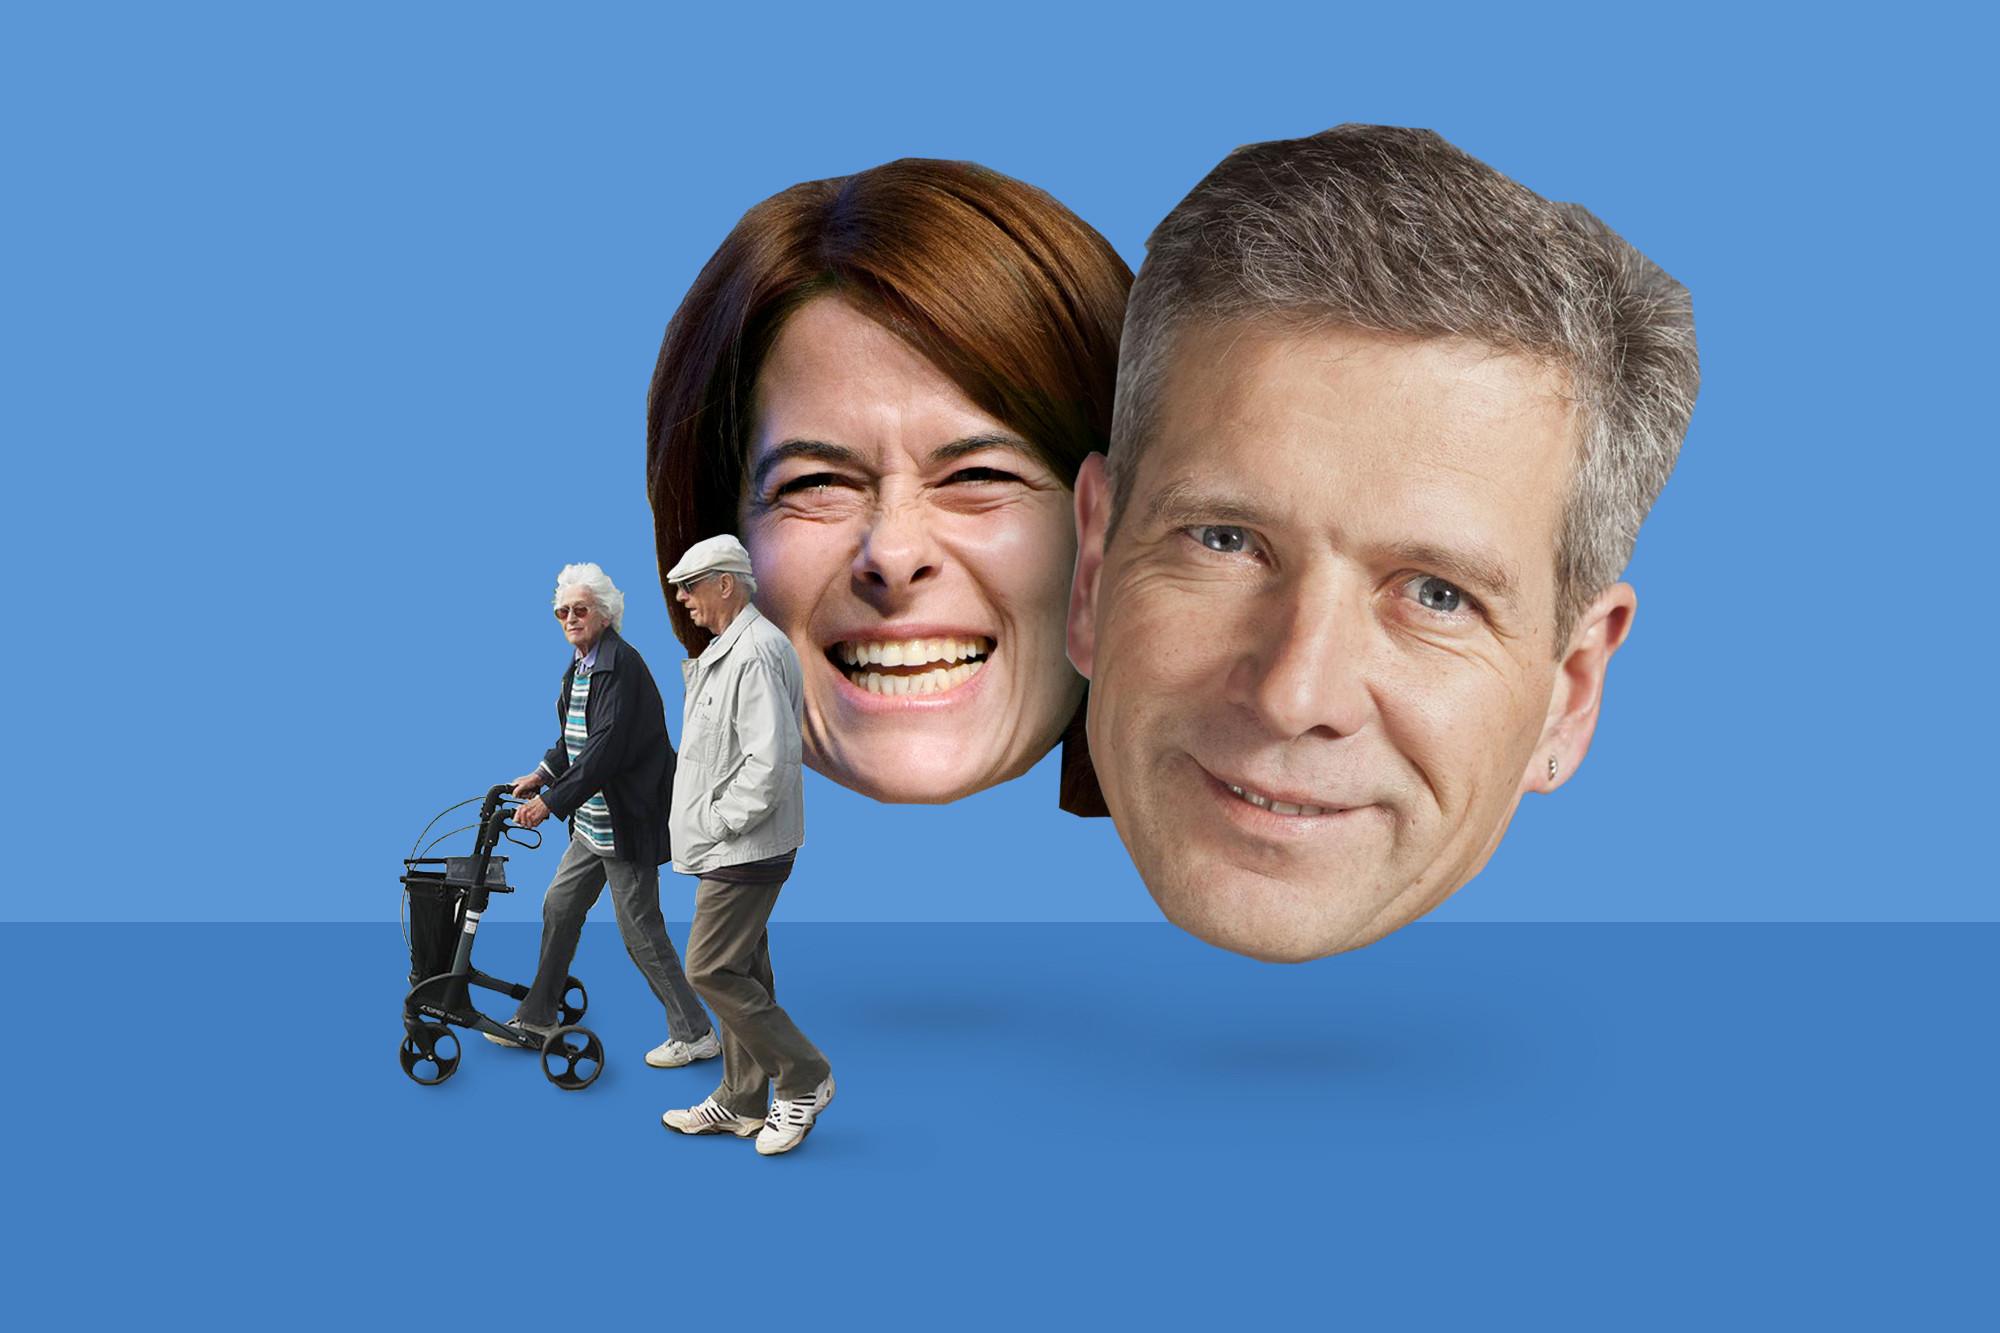 Mit einer besseren Kommunikationsstrategie hätten Petra Gössi (FDP) und Thomas de Courten (SVP) Grosses leisten können.